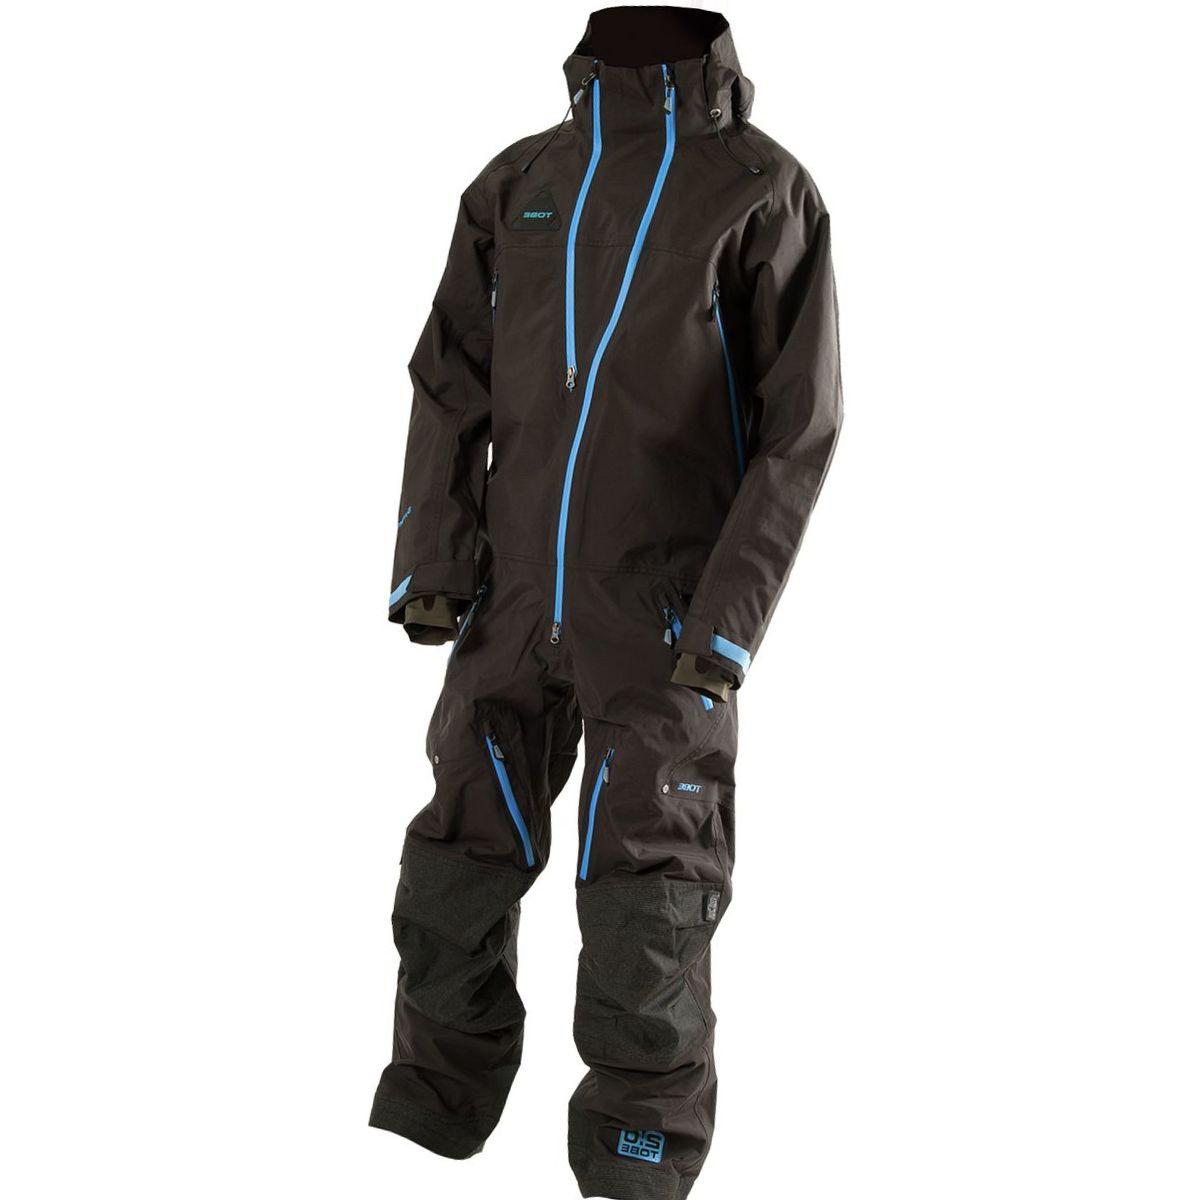 Tobe Vivid Mono Suit - Men's